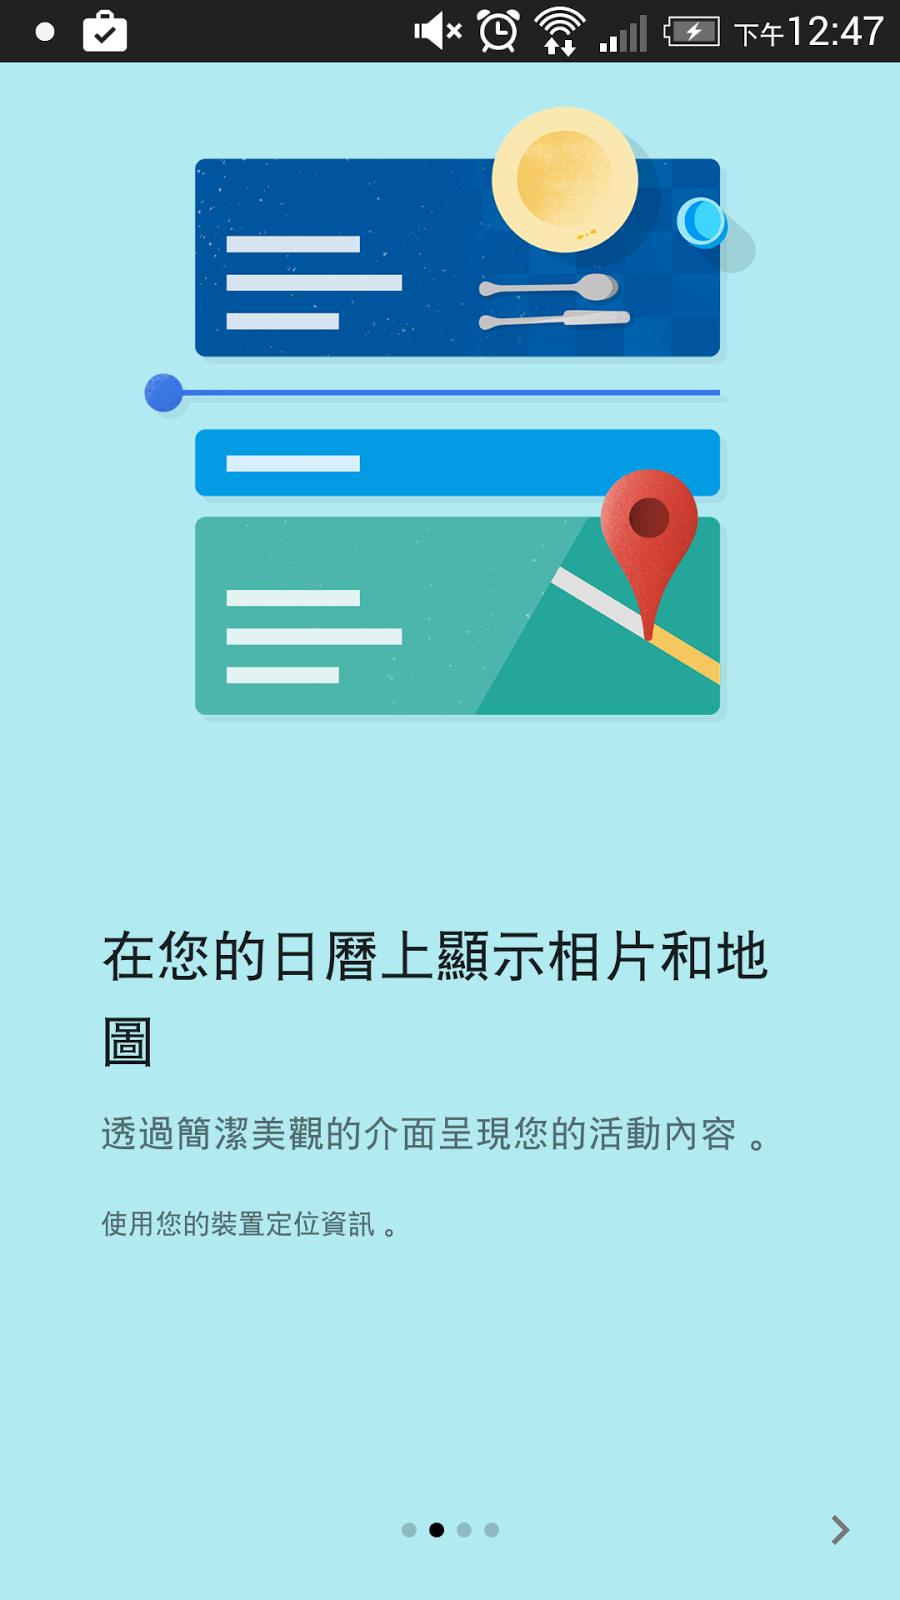 改變行動工作!電腦玩物 2014 最佳 Android App 推薦 Google%2B%E6%97%A5%E6%9B%86%2BAndroid%2BApp-02